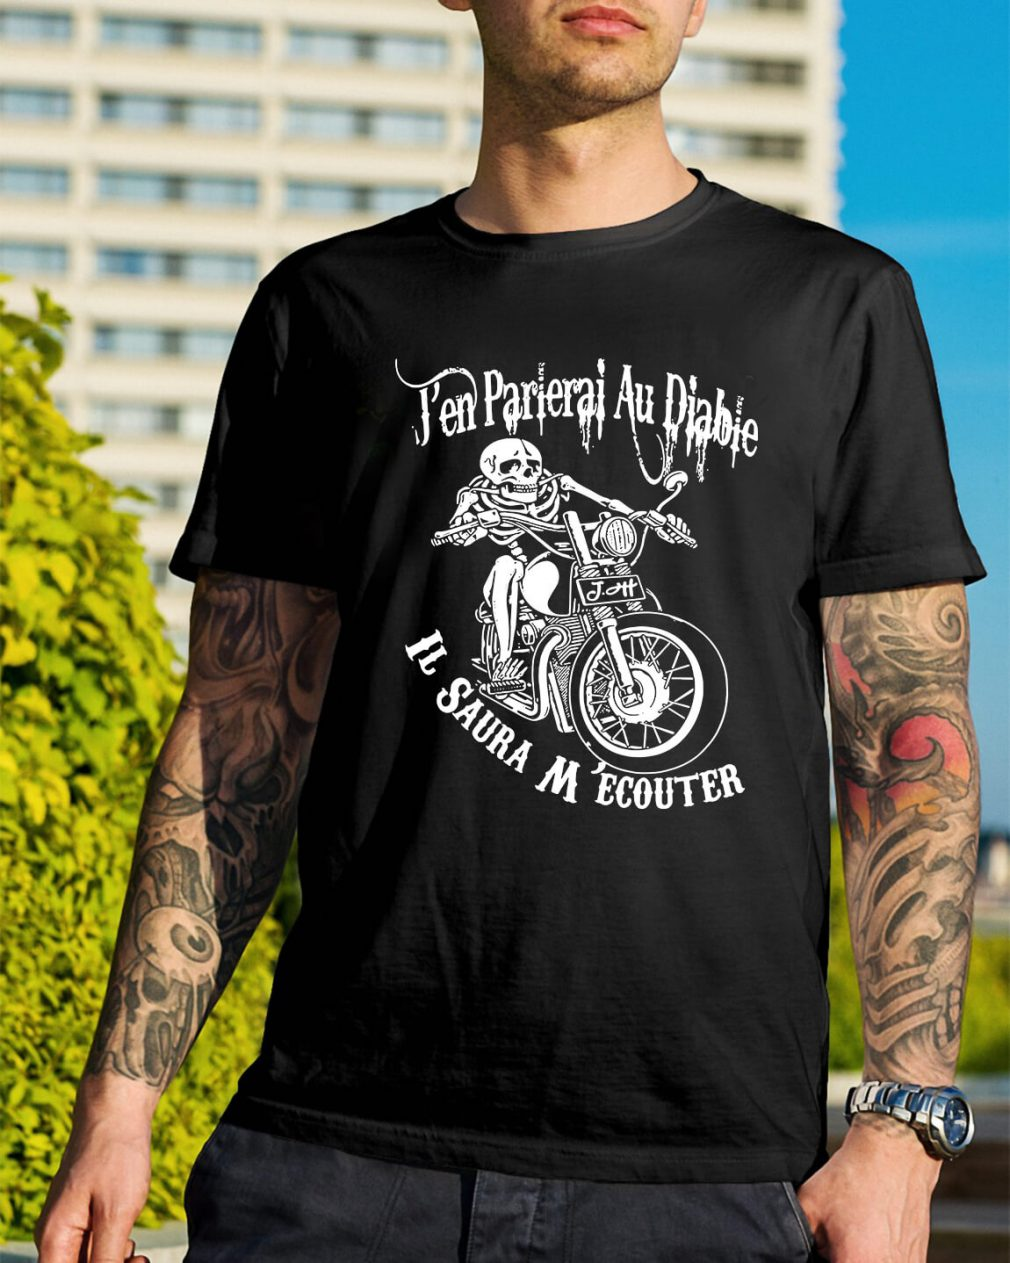 J'en Parlerai Au Diable Il Saura M'ecouter shirt